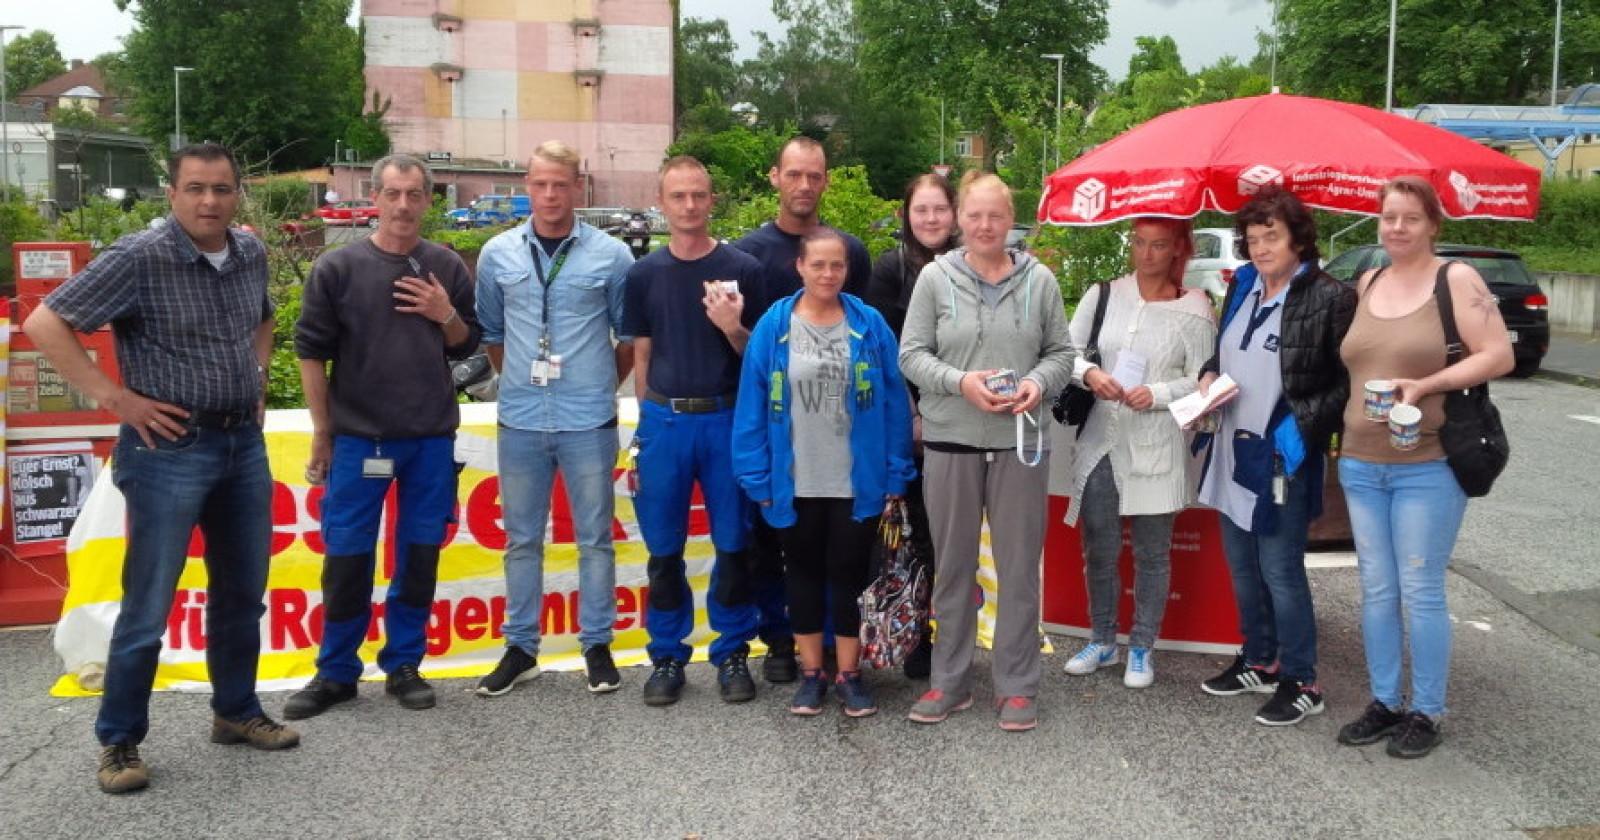 'Respect for Cleaners' auch im Chemiepark Leverkusen